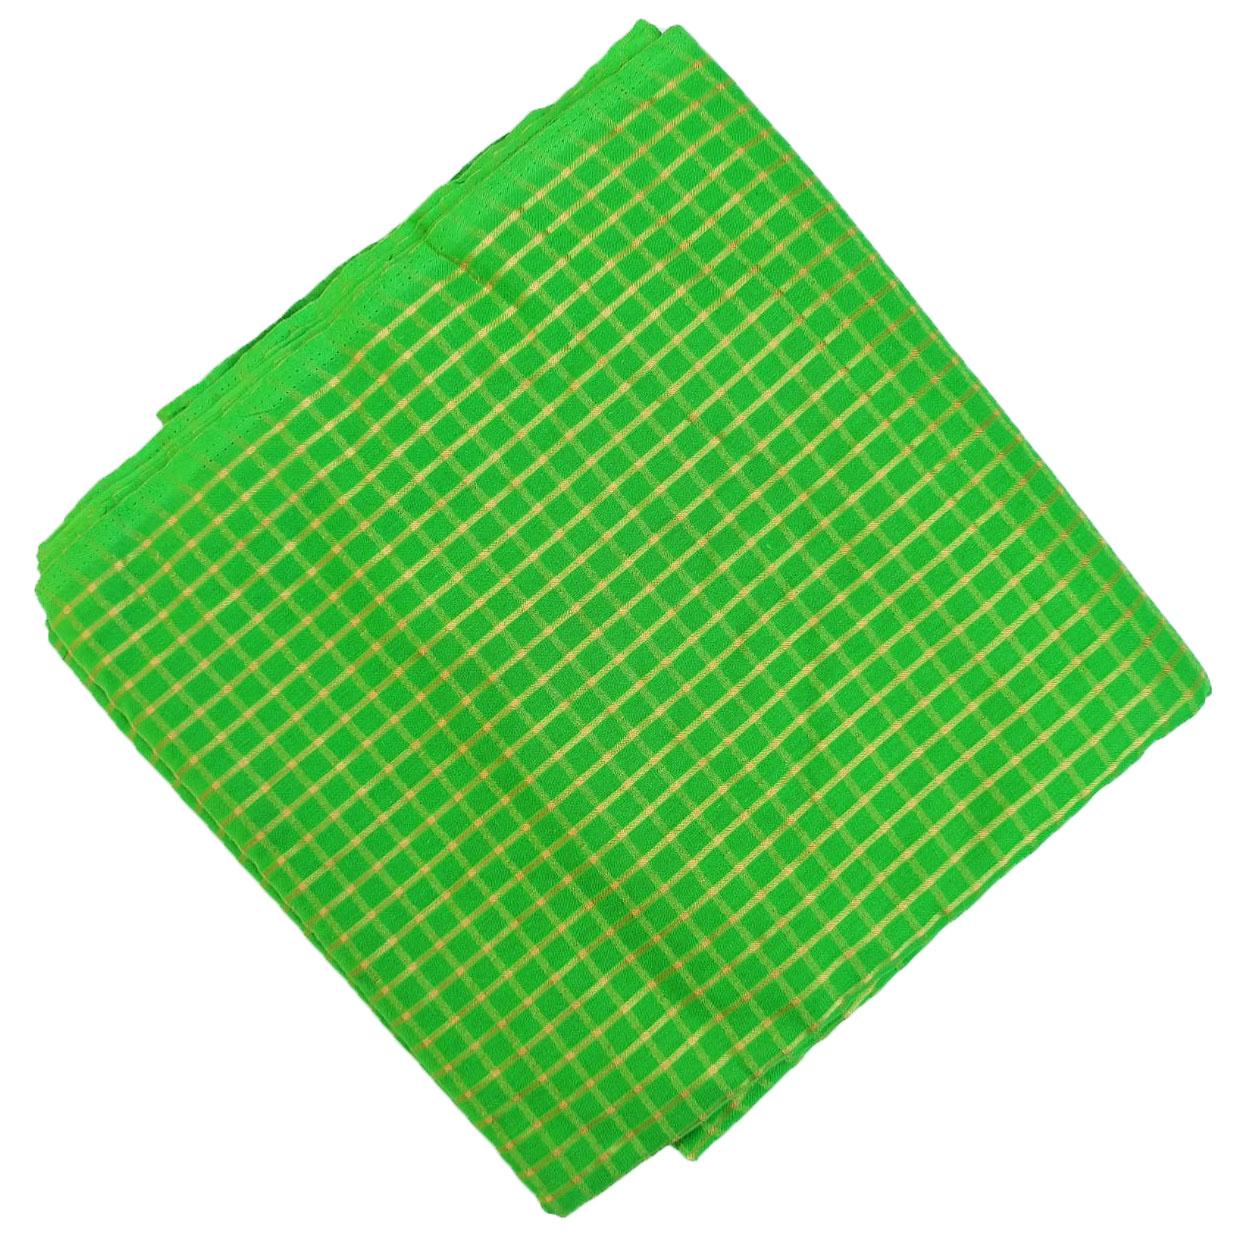 Parrot Green Golden Check Pure Cotton Plain Suit piece of 5 meters length CJ021 1